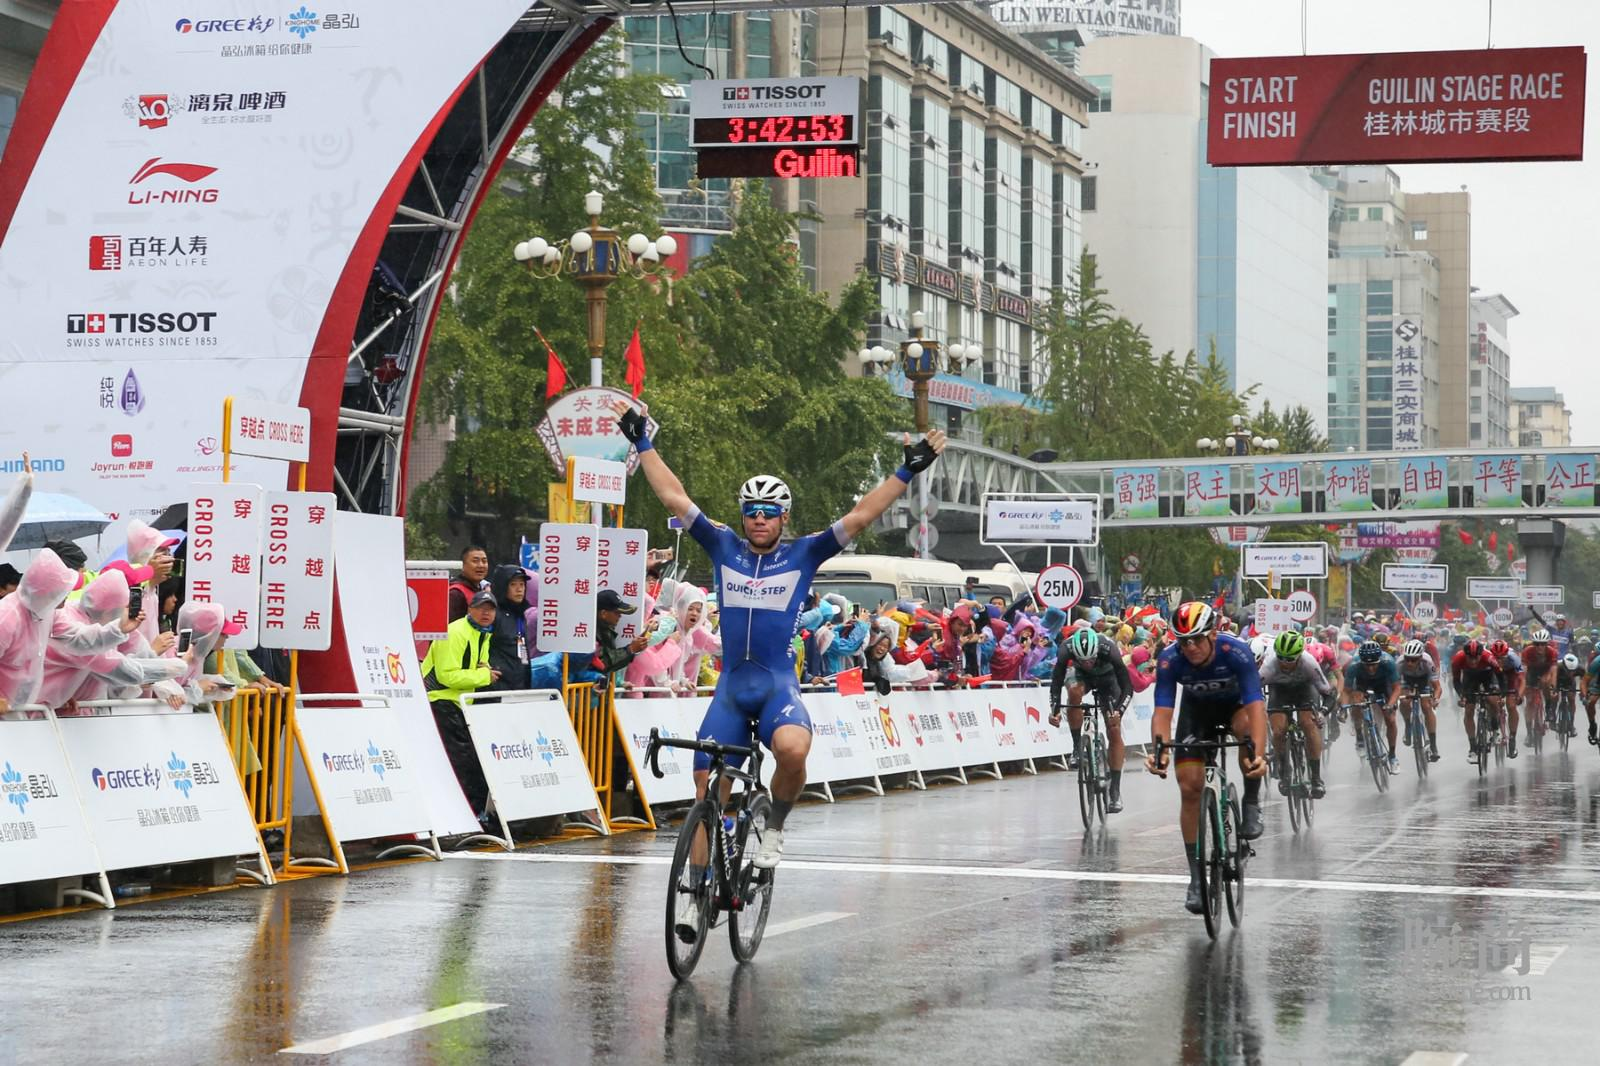 图2:环广西公路自行车世界巡回赛中的激烈角逐.jpg